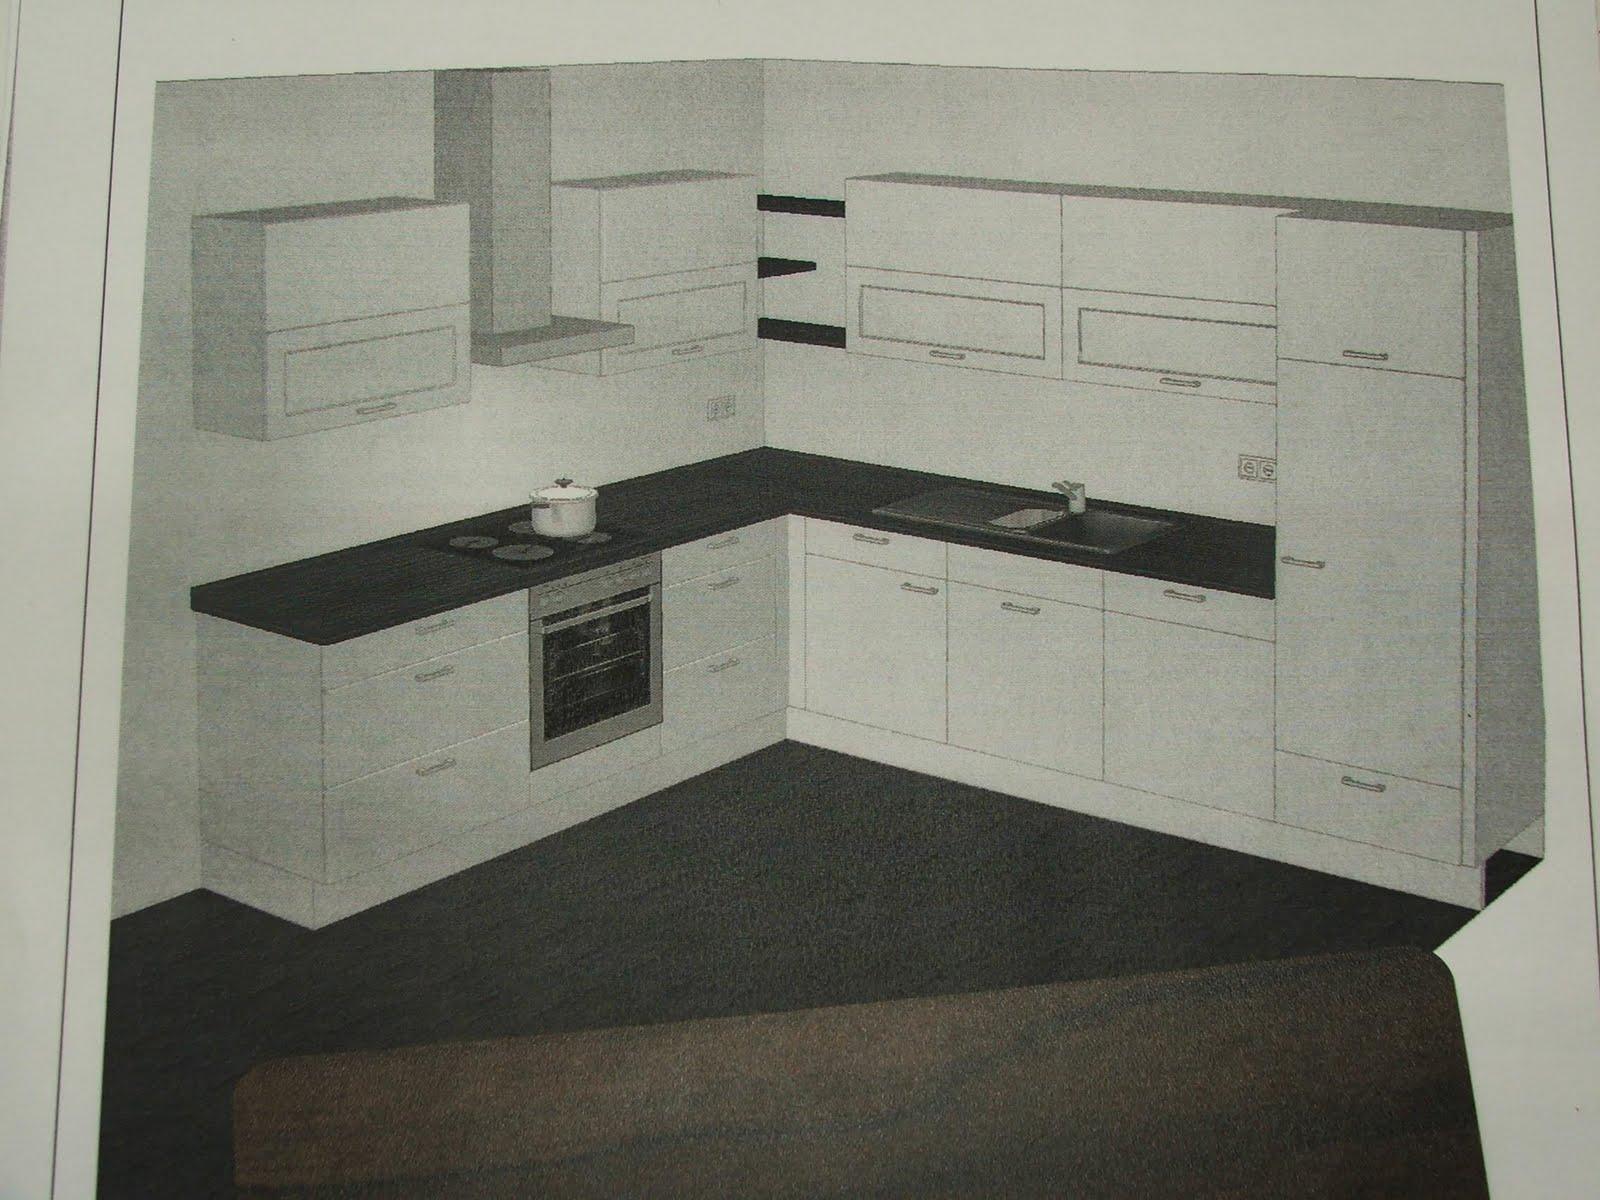 sch fchens sandsack dies und das bunt gemischt. Black Bedroom Furniture Sets. Home Design Ideas